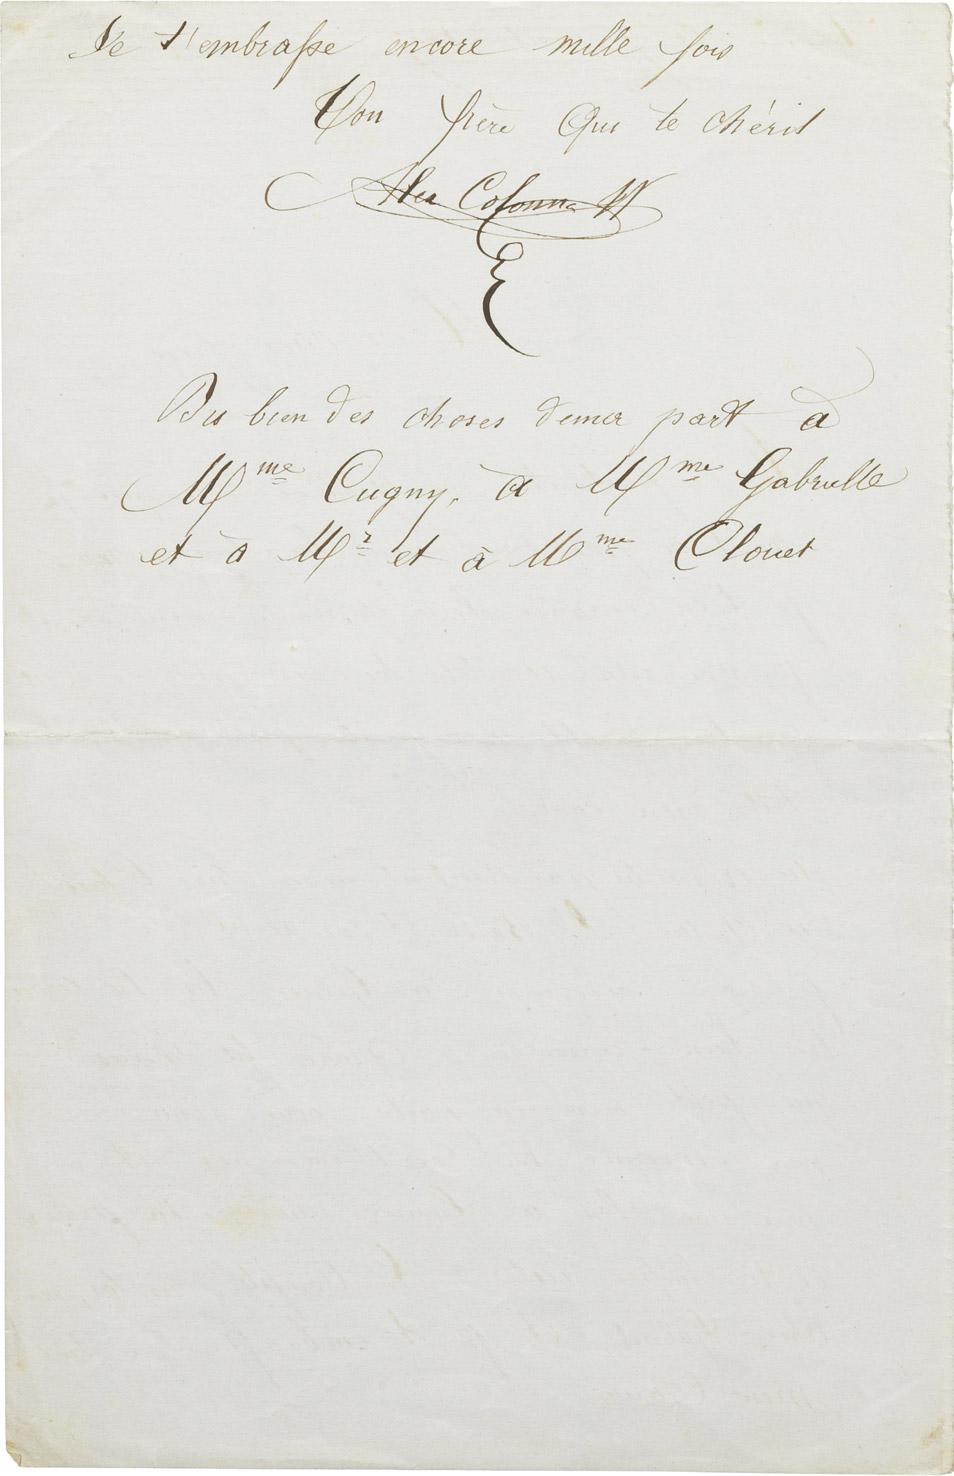 Lettre d'Alexandre II Walewski à Gabriel Félix - Patrimoine Charles-André COLONNA WALEWSKI, en ligne directe de Napoléon